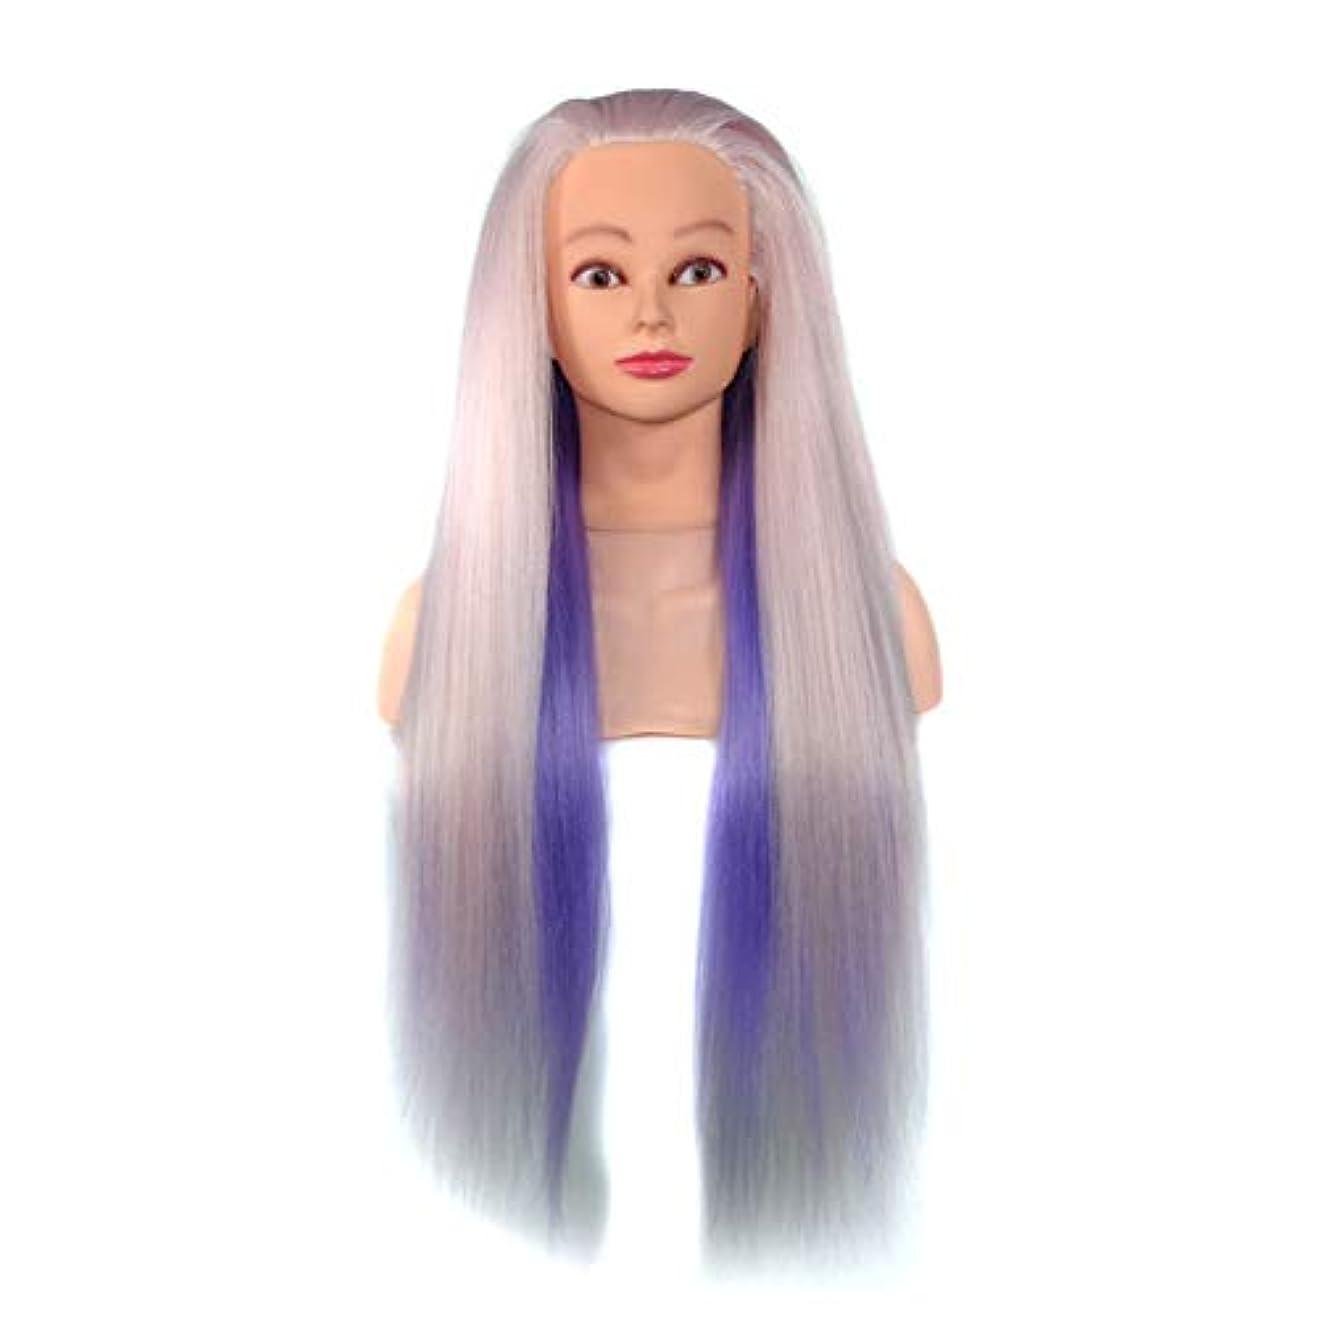 縮約絵誓う高温シルク花嫁編組エクササイズヘッドサロン教育グラデーショントレーニングヘッド理髪学習ヘッドモデル